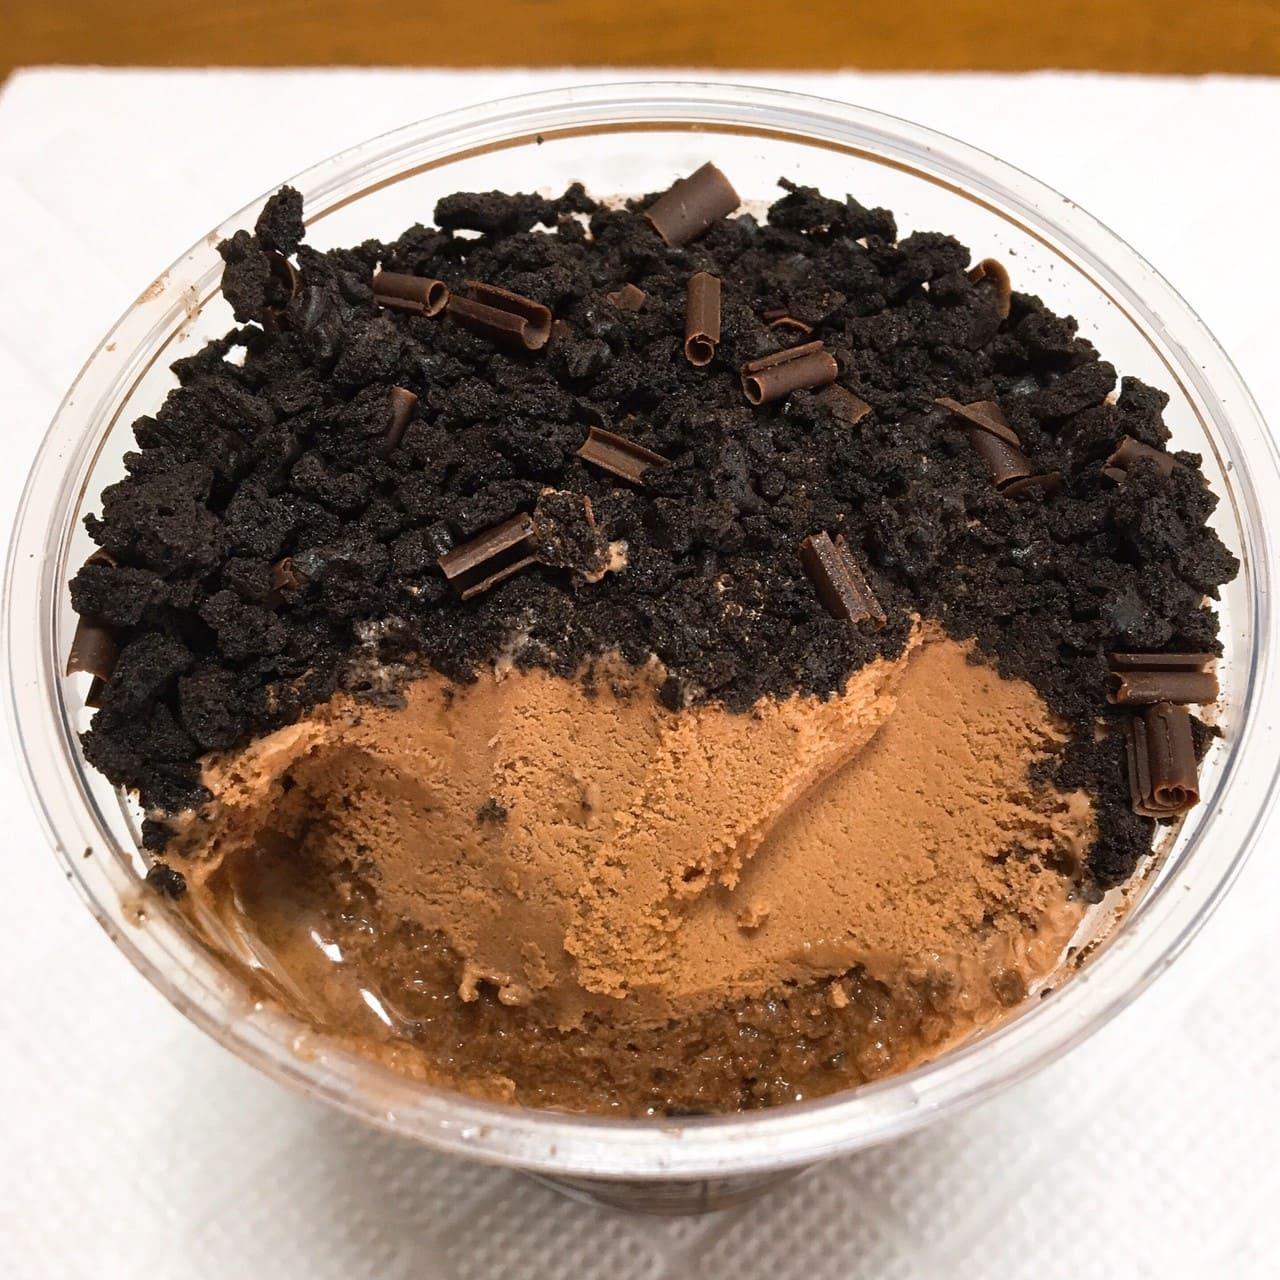 フローズンパーティー チョコレートチョコアイス